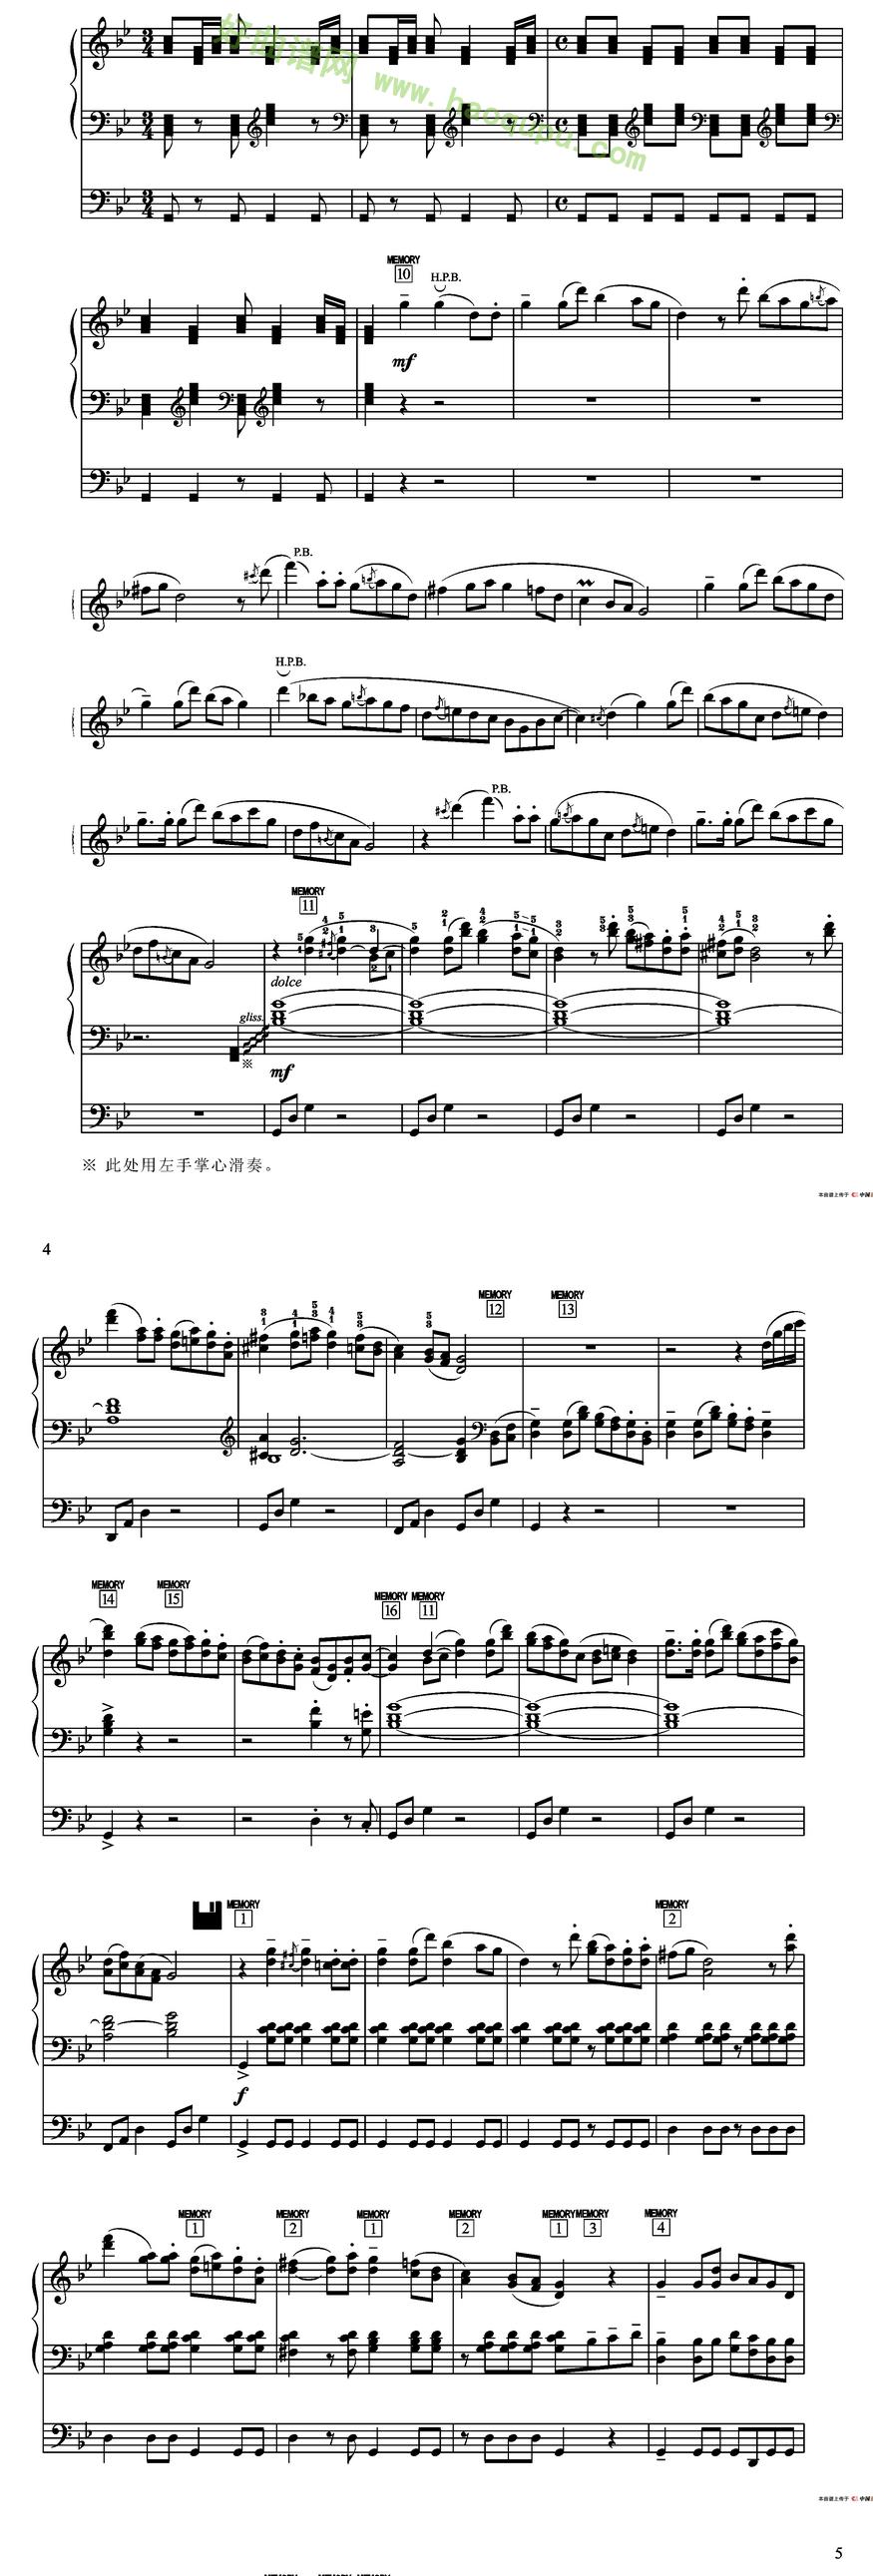 《看秧歌》(双排键电子琴) - 电子琴简谱_电子琴曲谱